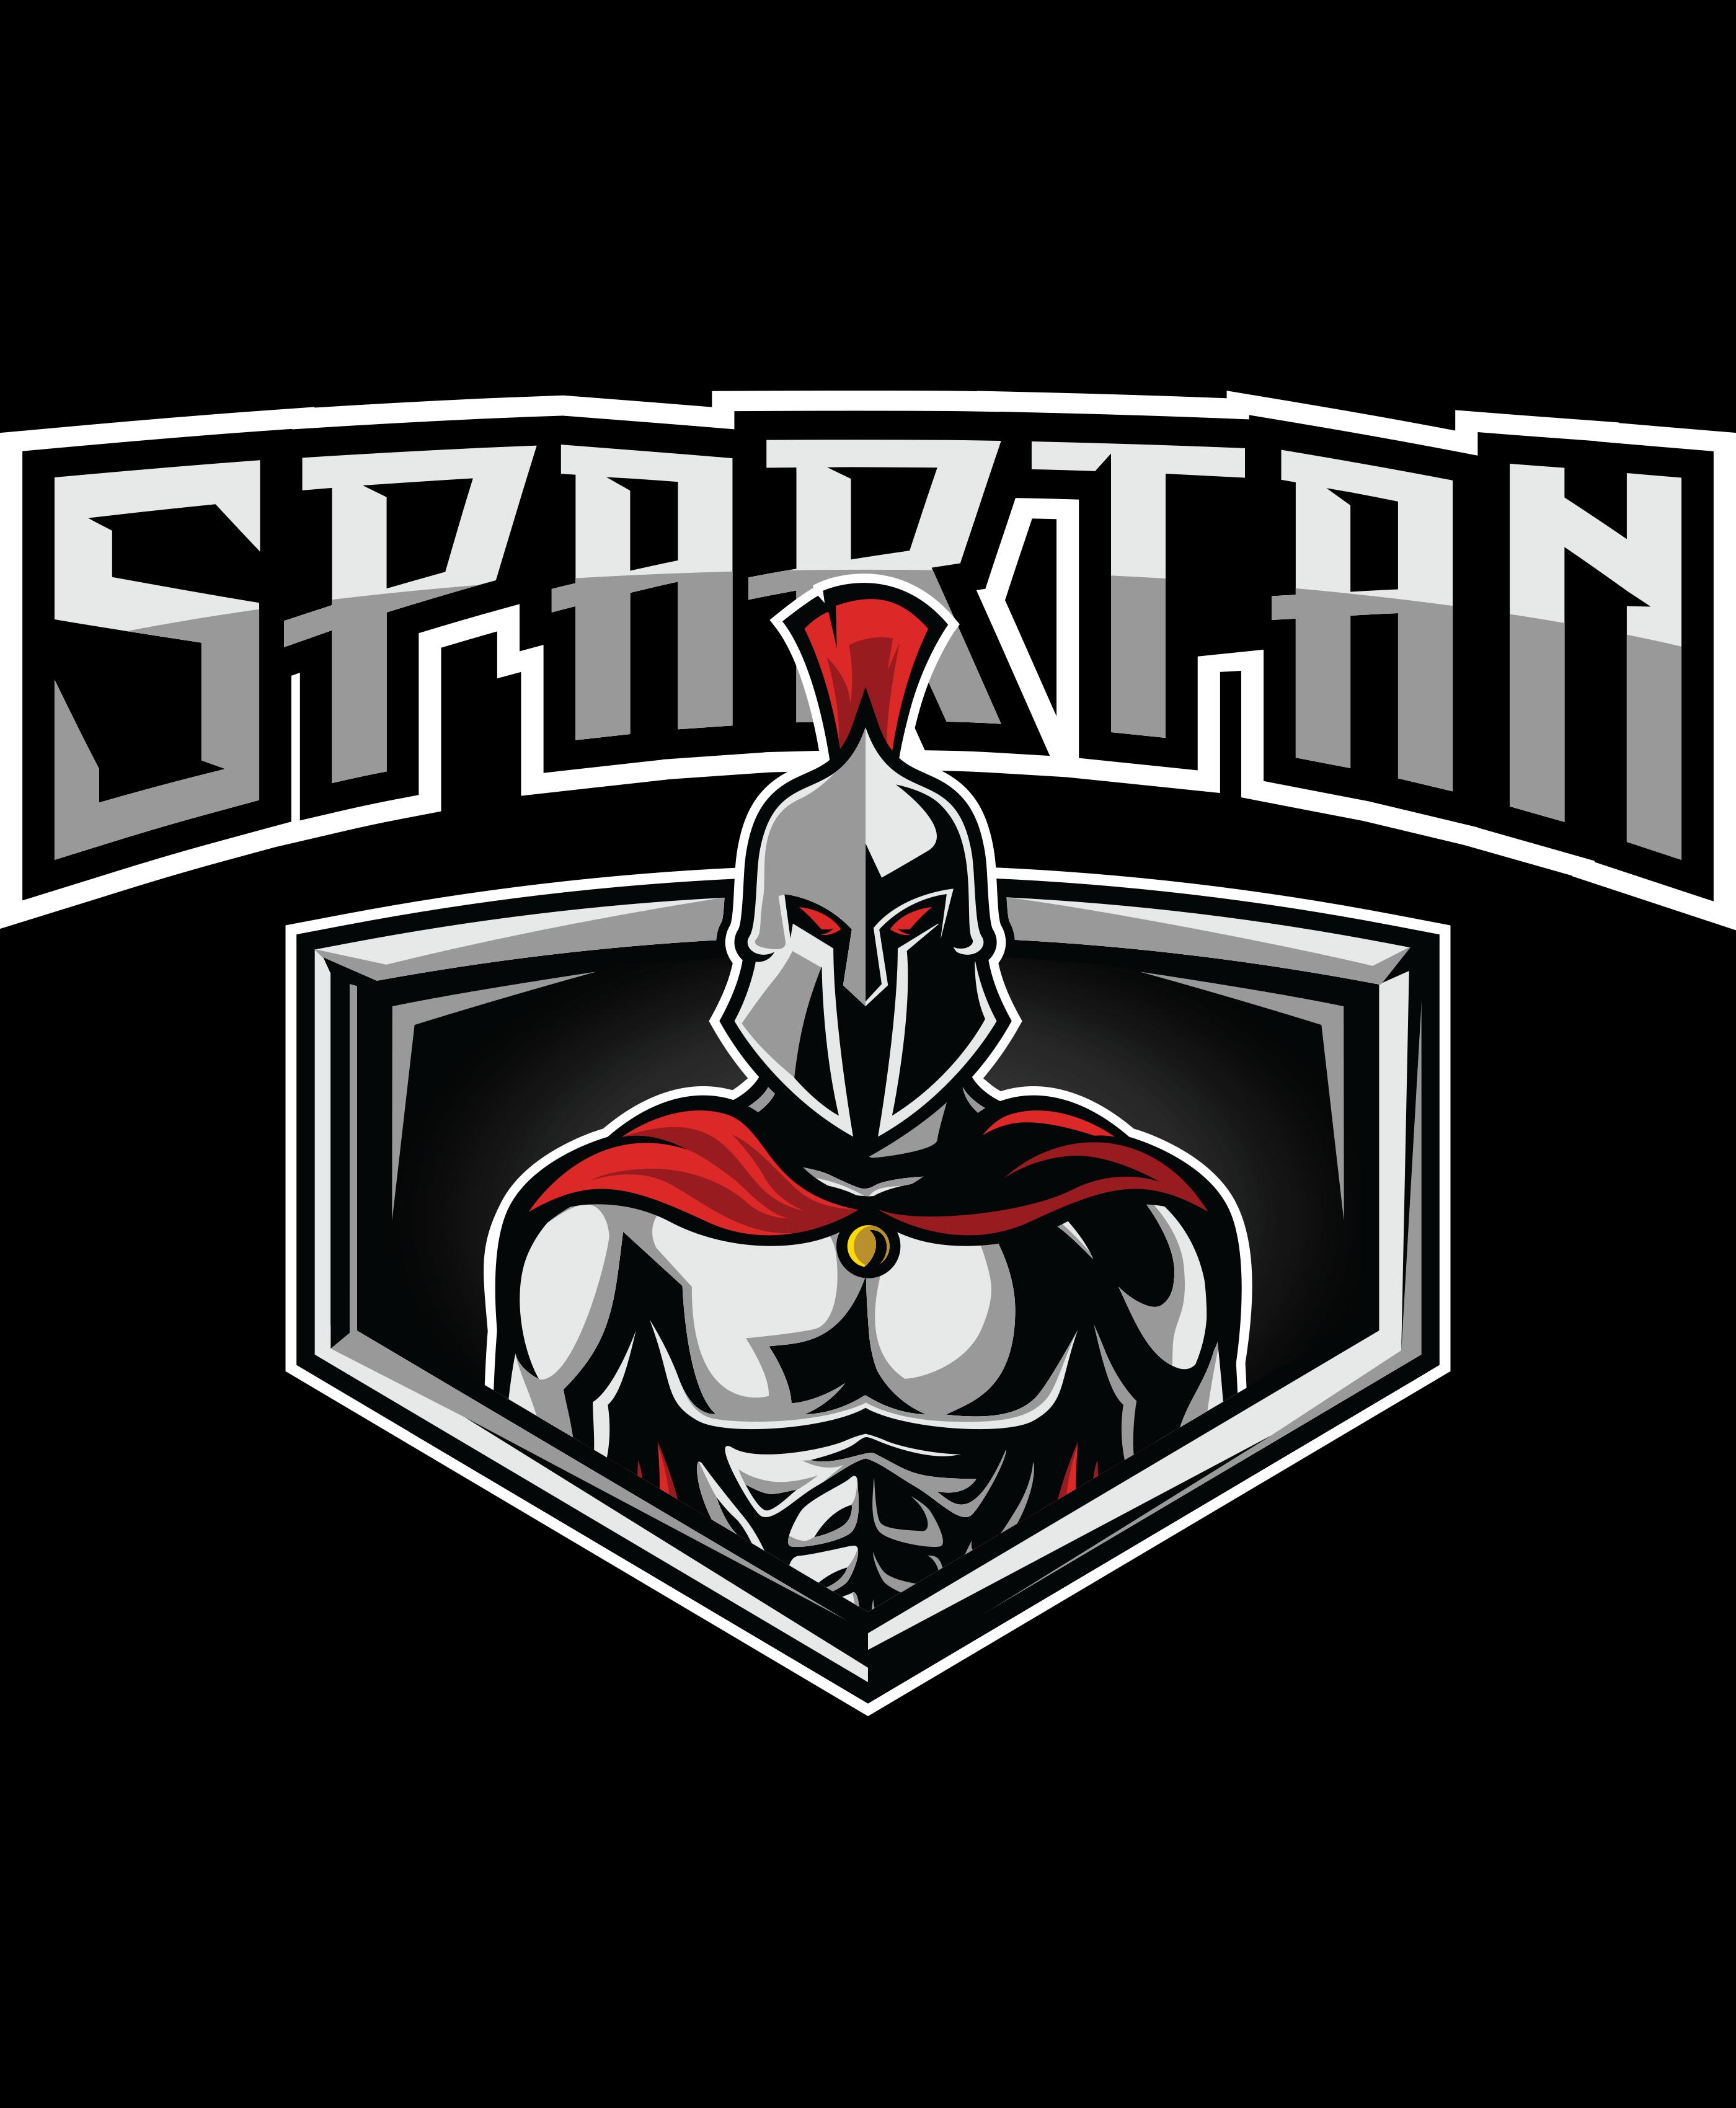 Spartan Warrior Fitness Sports Spartan Warrior Warrior Logo Bodybuilding Logo